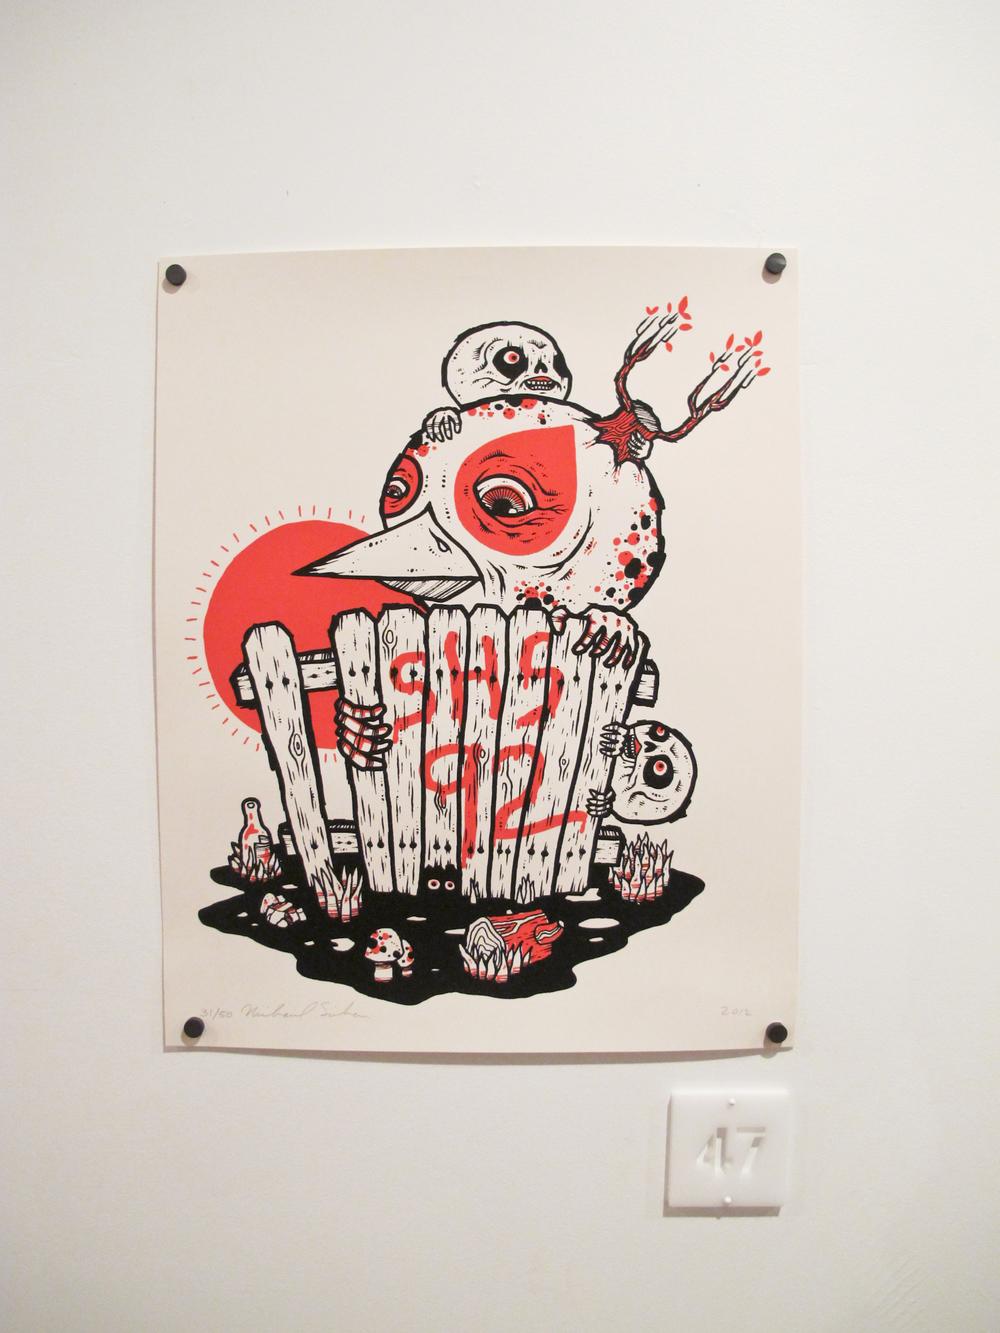 Art by Michael Sieben